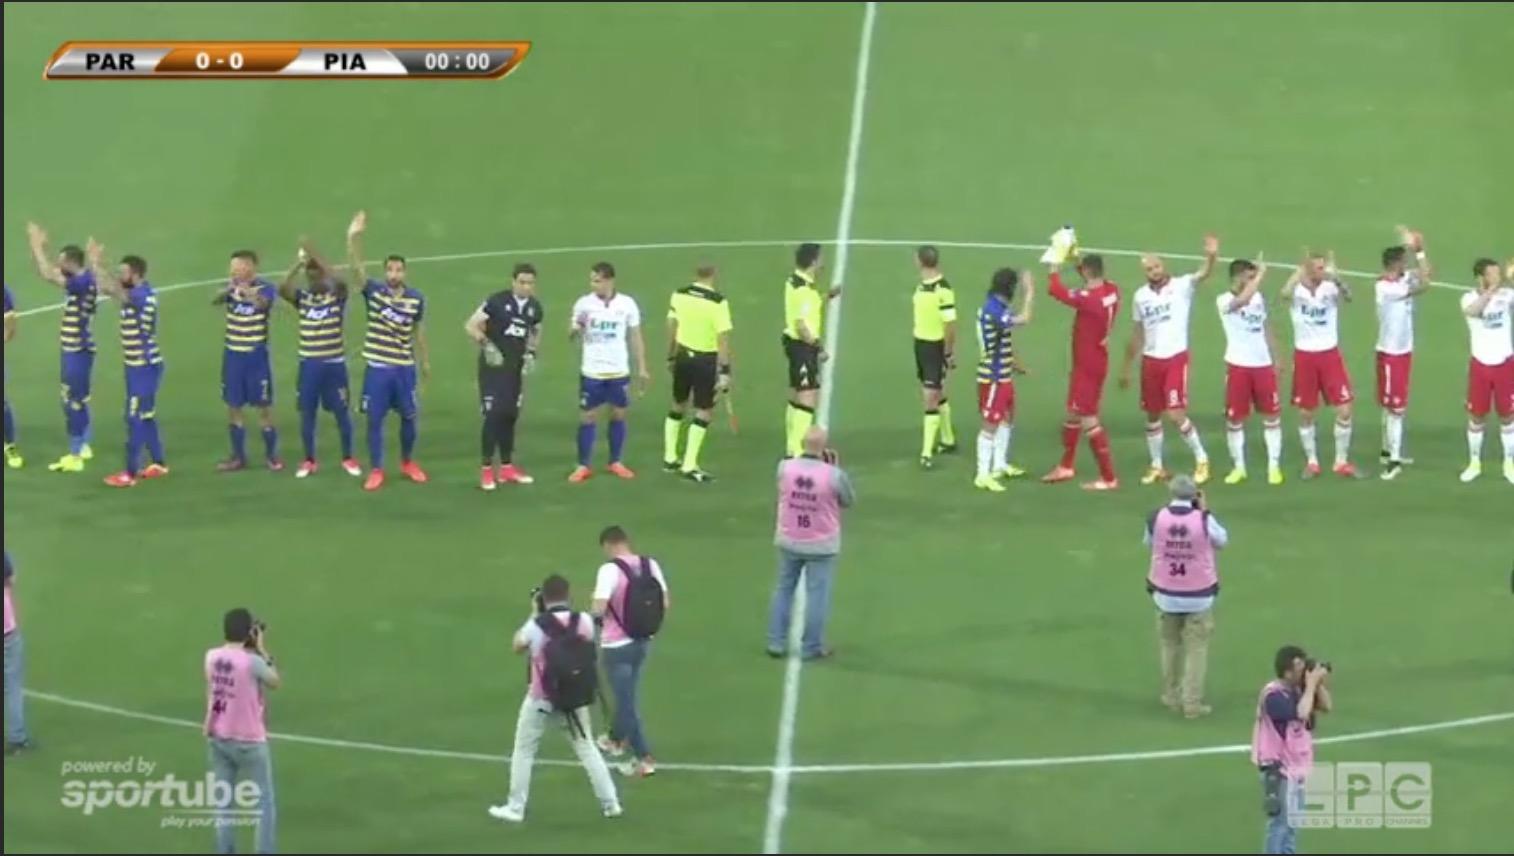 Parma-Lucchese Sportube: streaming diretta live play off, ecco come vedere i quarti di finale